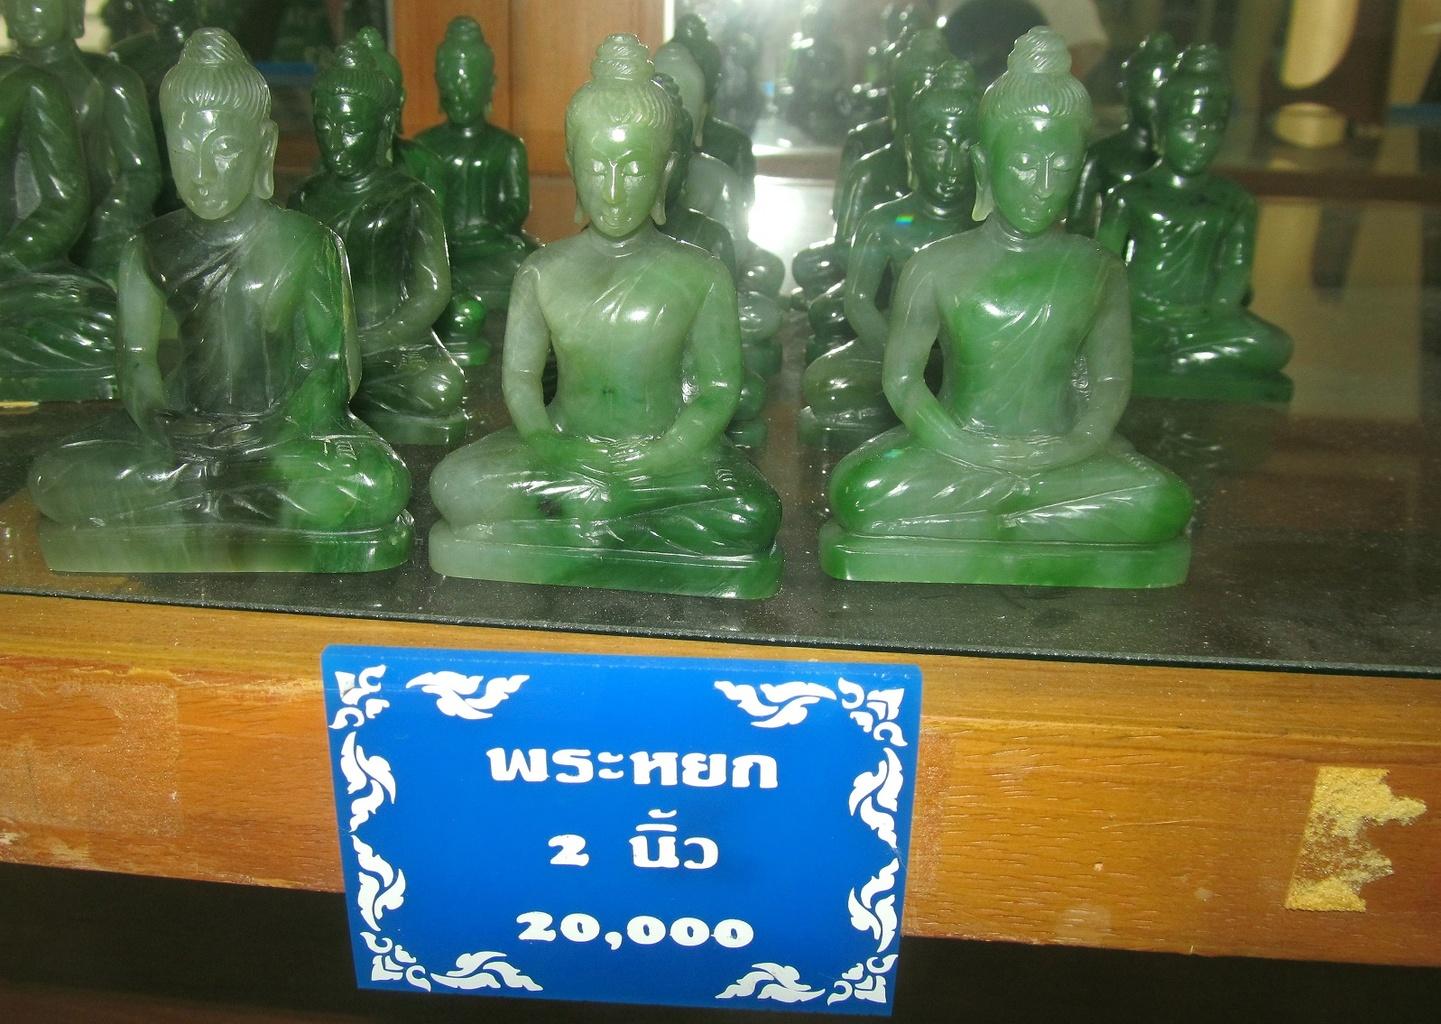 Buddhové vyrobení z odřezků nefritu, velikost č.2 cena 20.000 THB